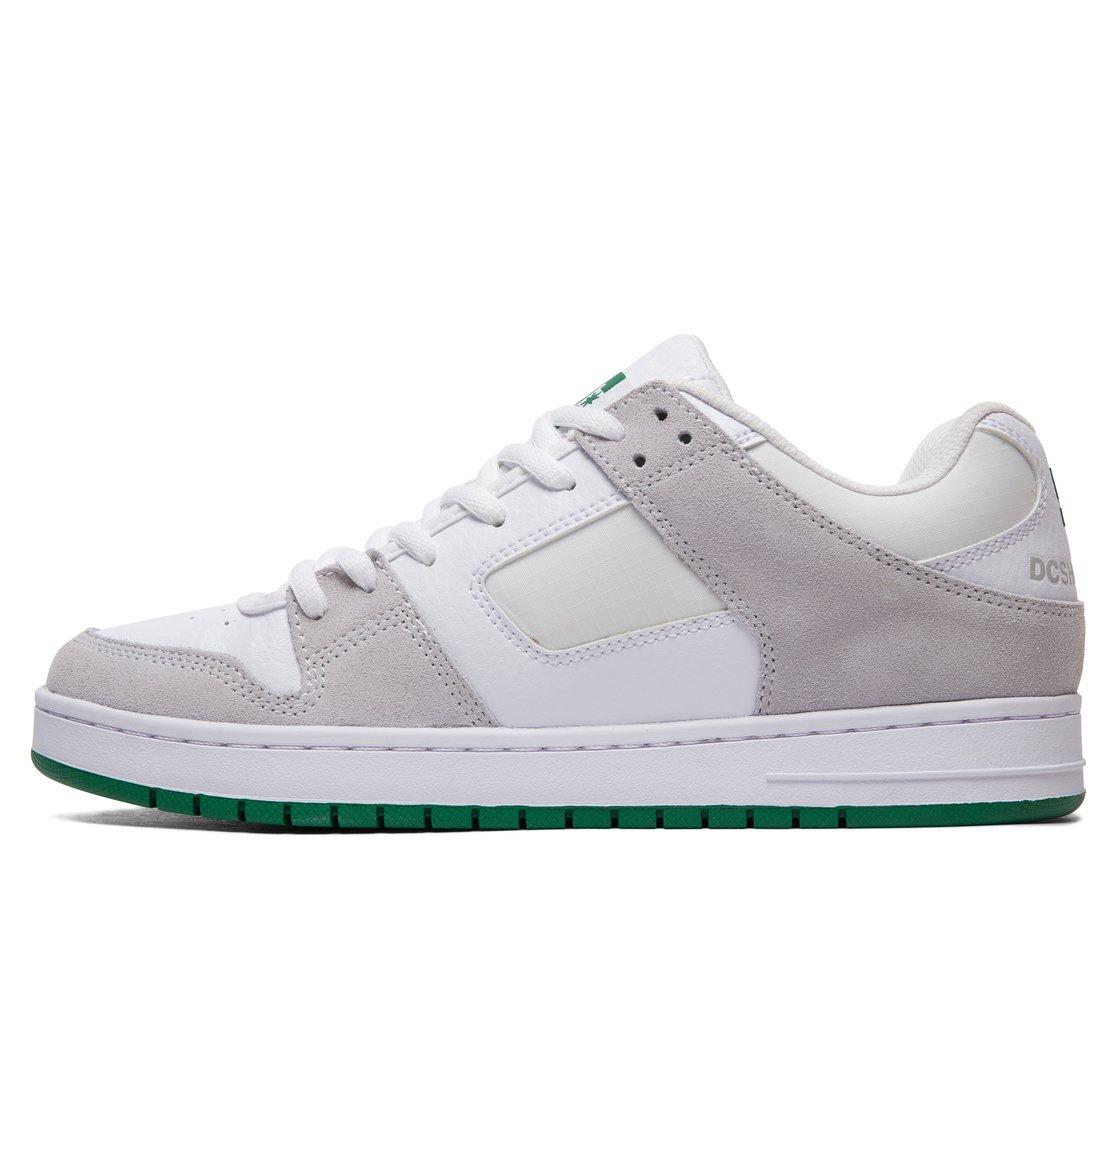 26483f5e06 2 Manteca - Zapatos para Hombre Blanco ADYS100177 DC Shoes